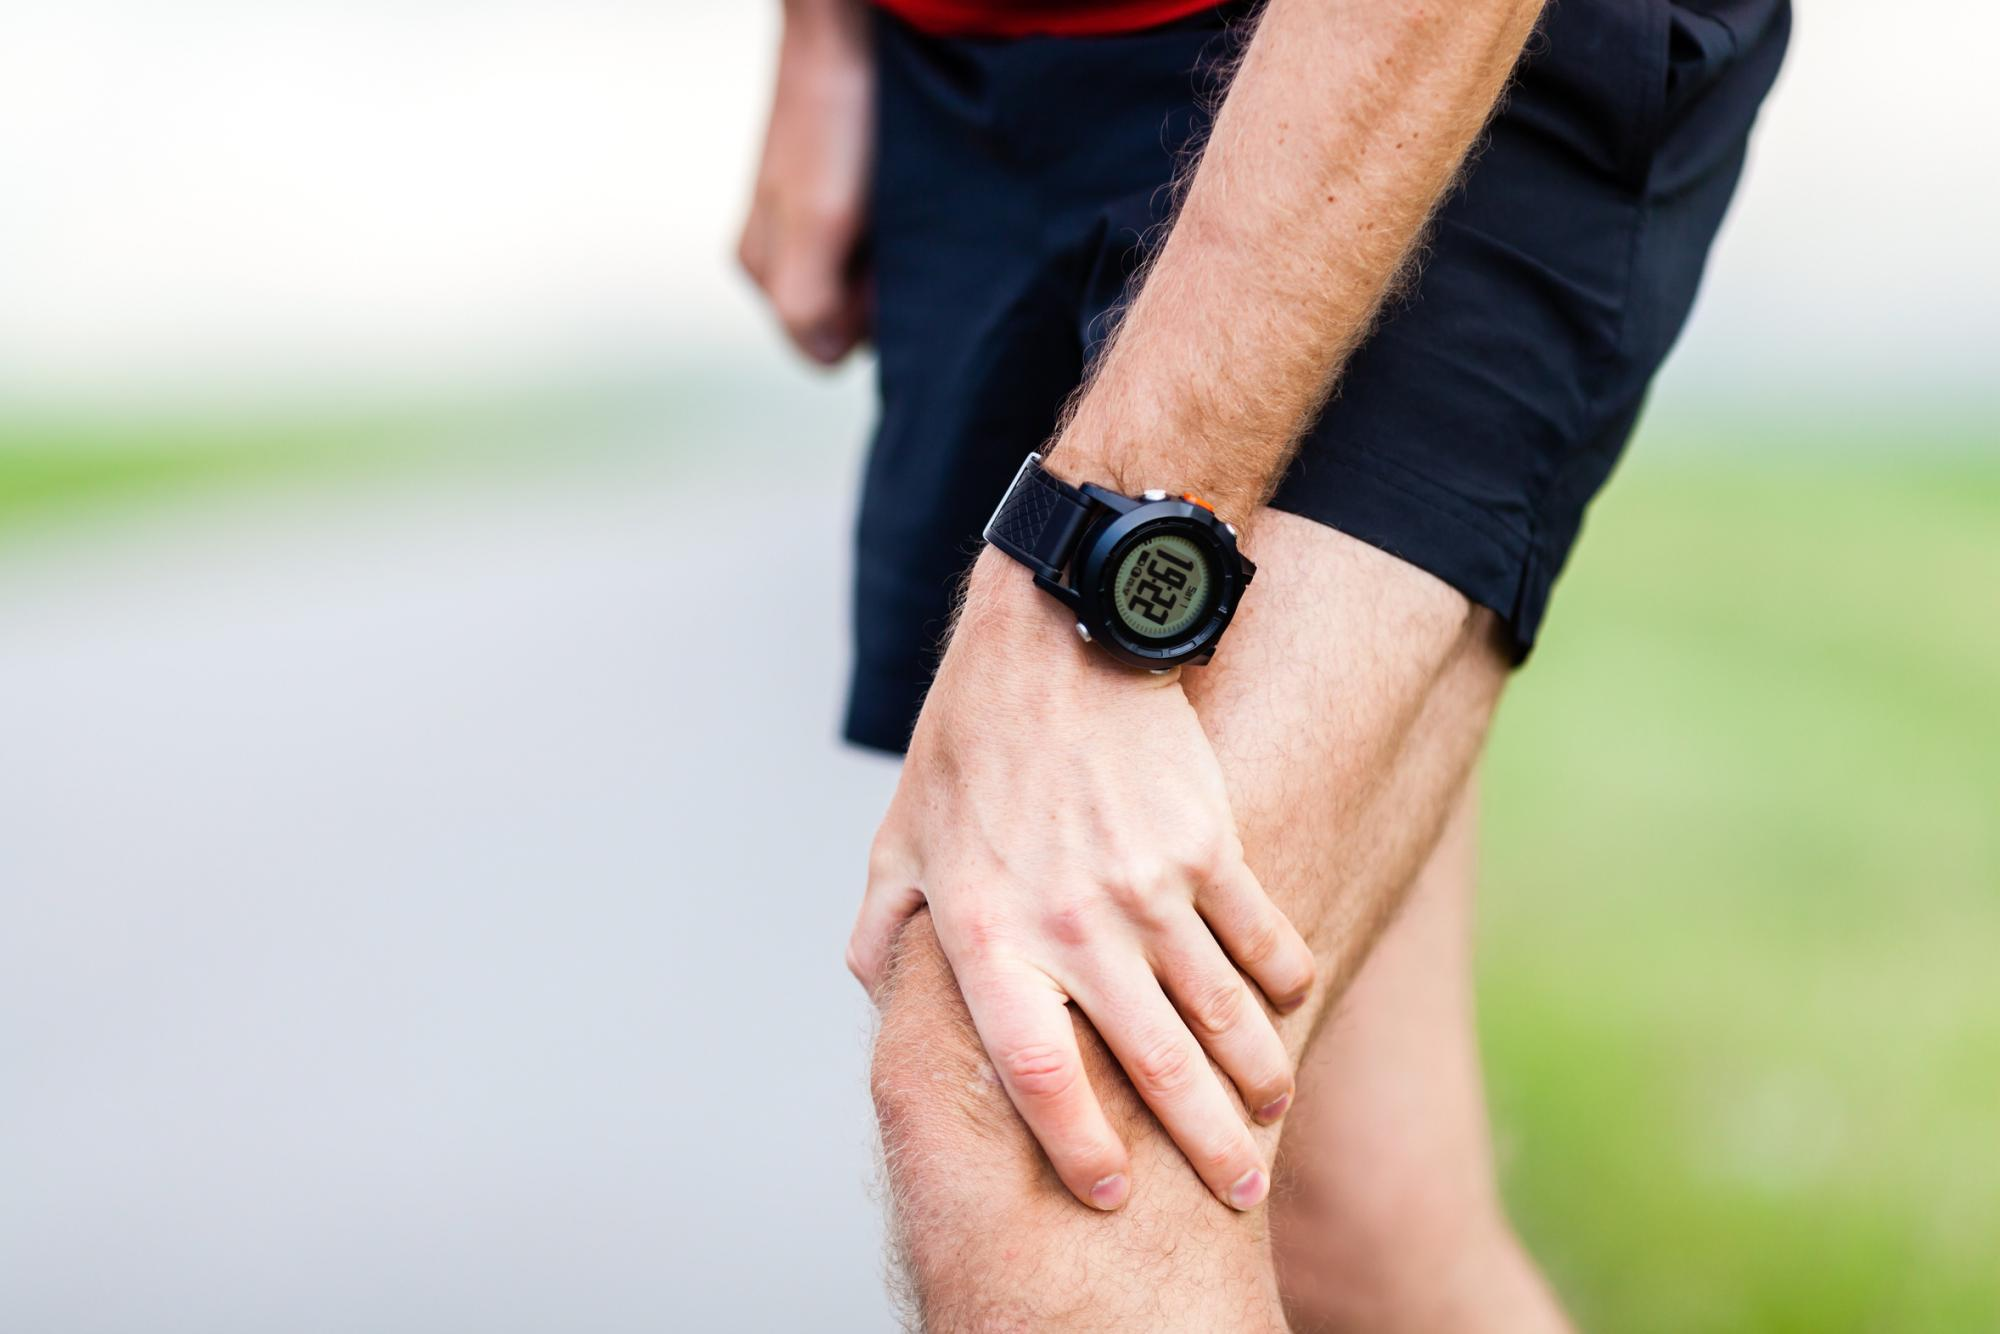 Arthrite goutteuse : Tout ce que vous devez savoir sur la fameuse goutte